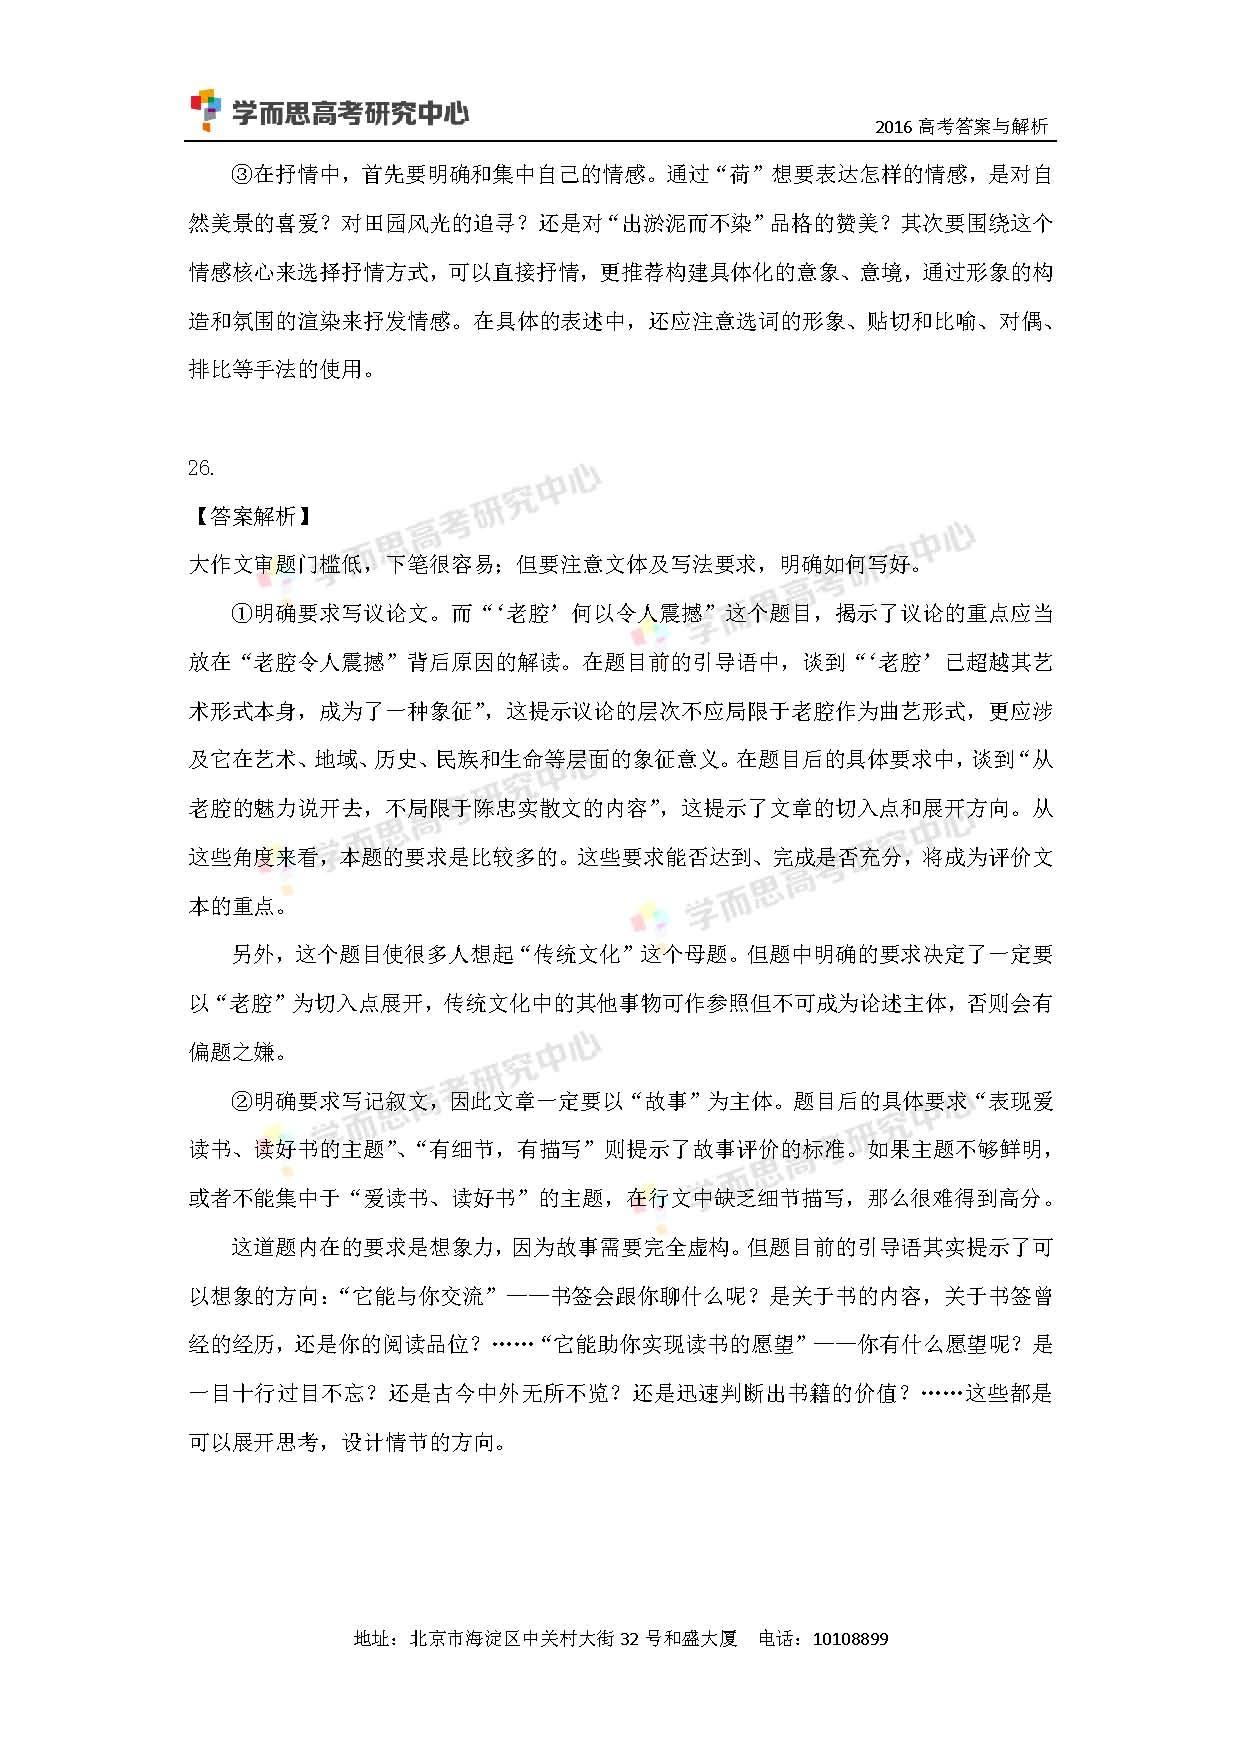 0_页面_08.jpg